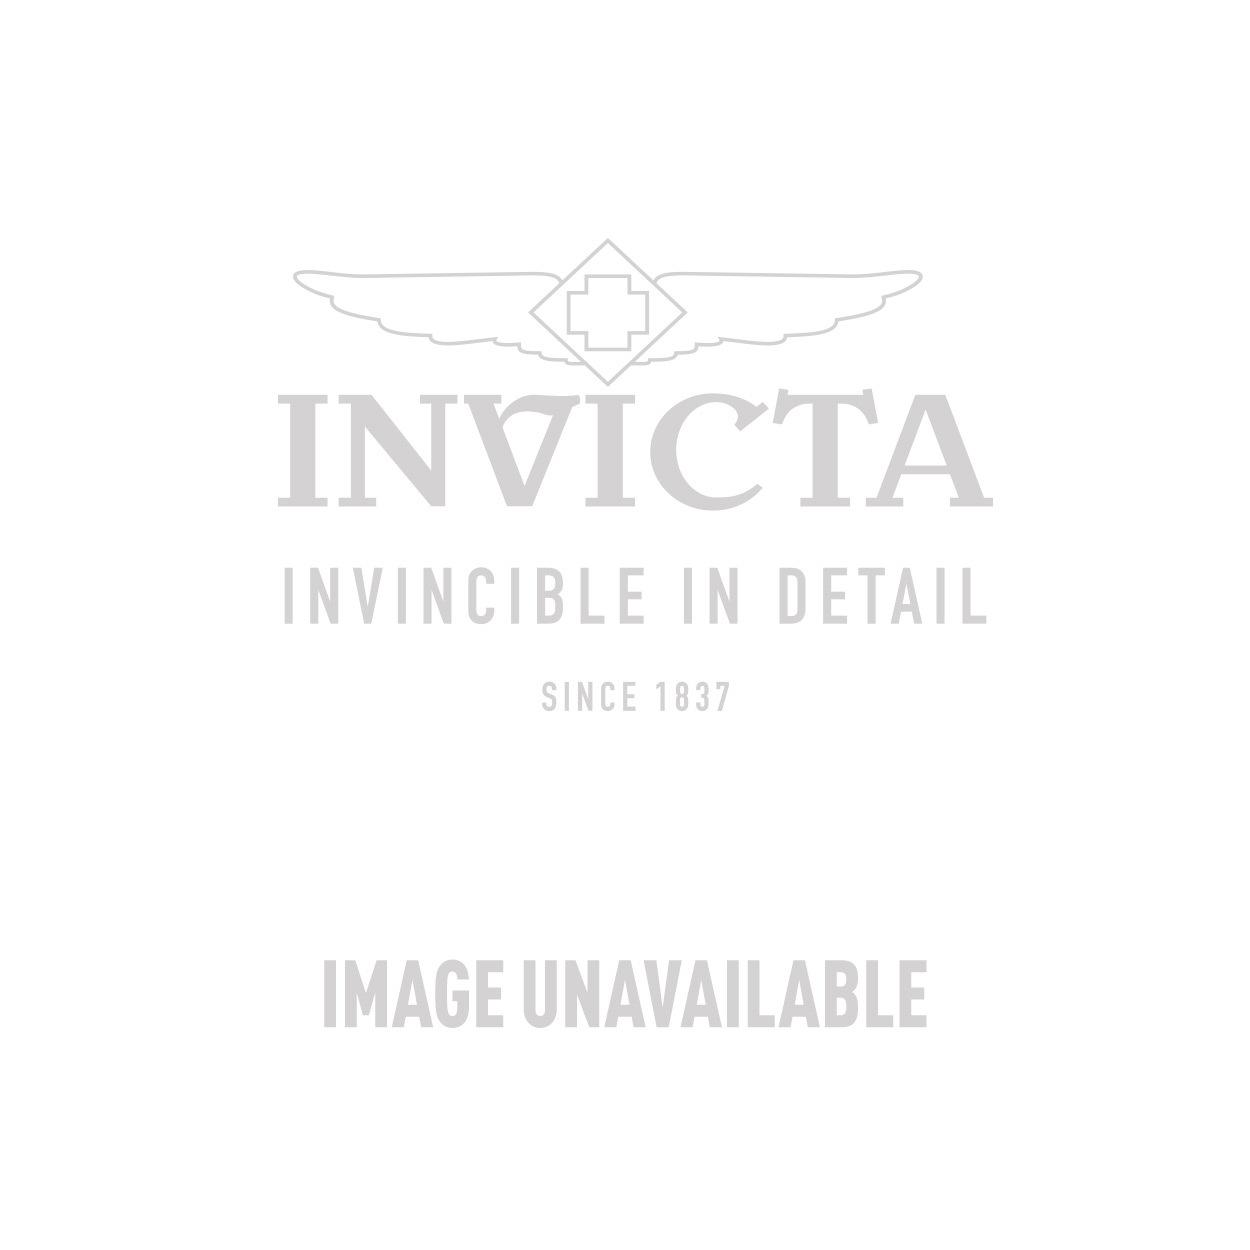 Invicta Model 24095